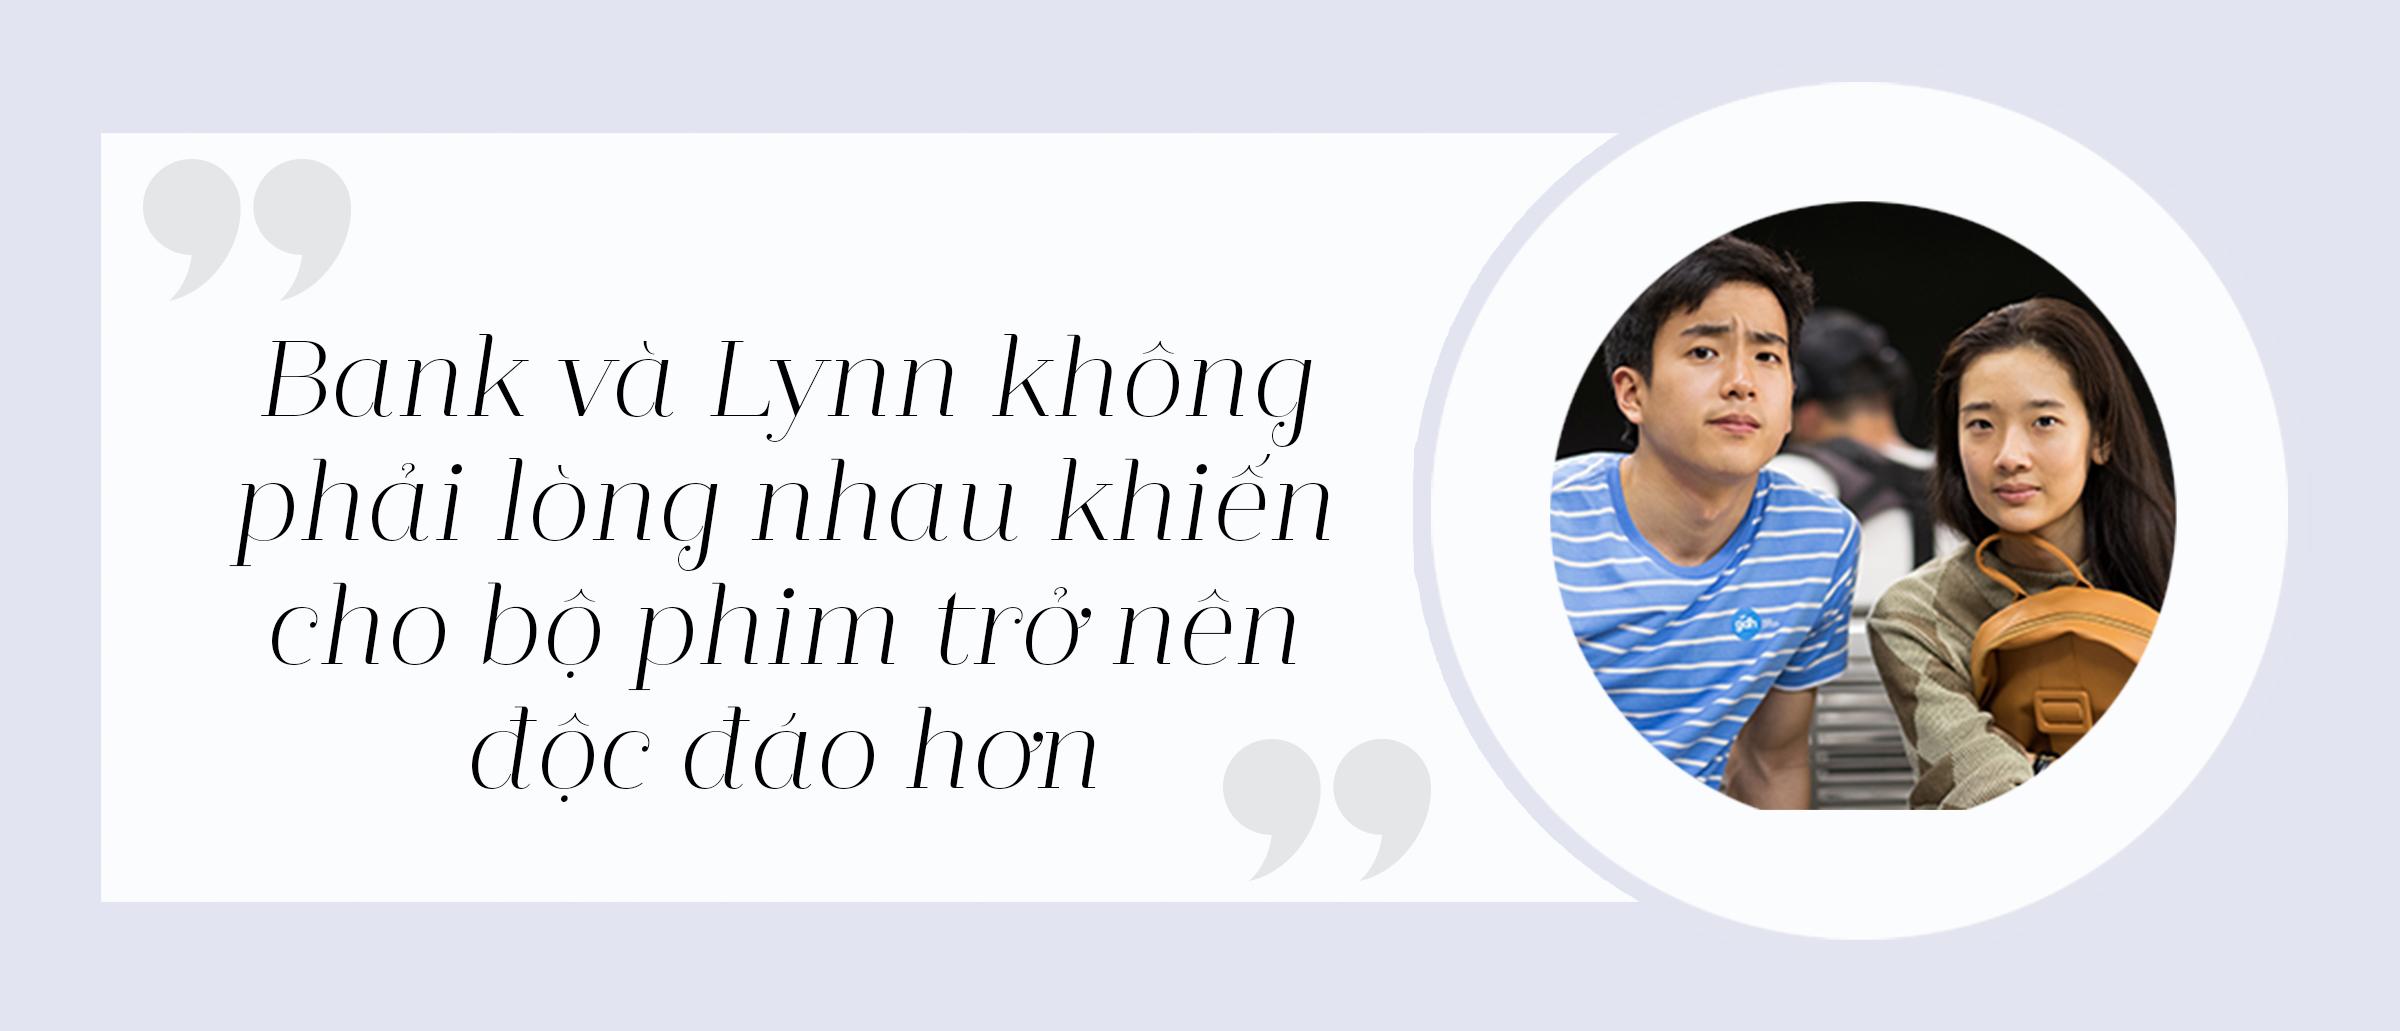 Bank: 'Tôi muốn gặp fan và ăn phở tại Việt Nam'